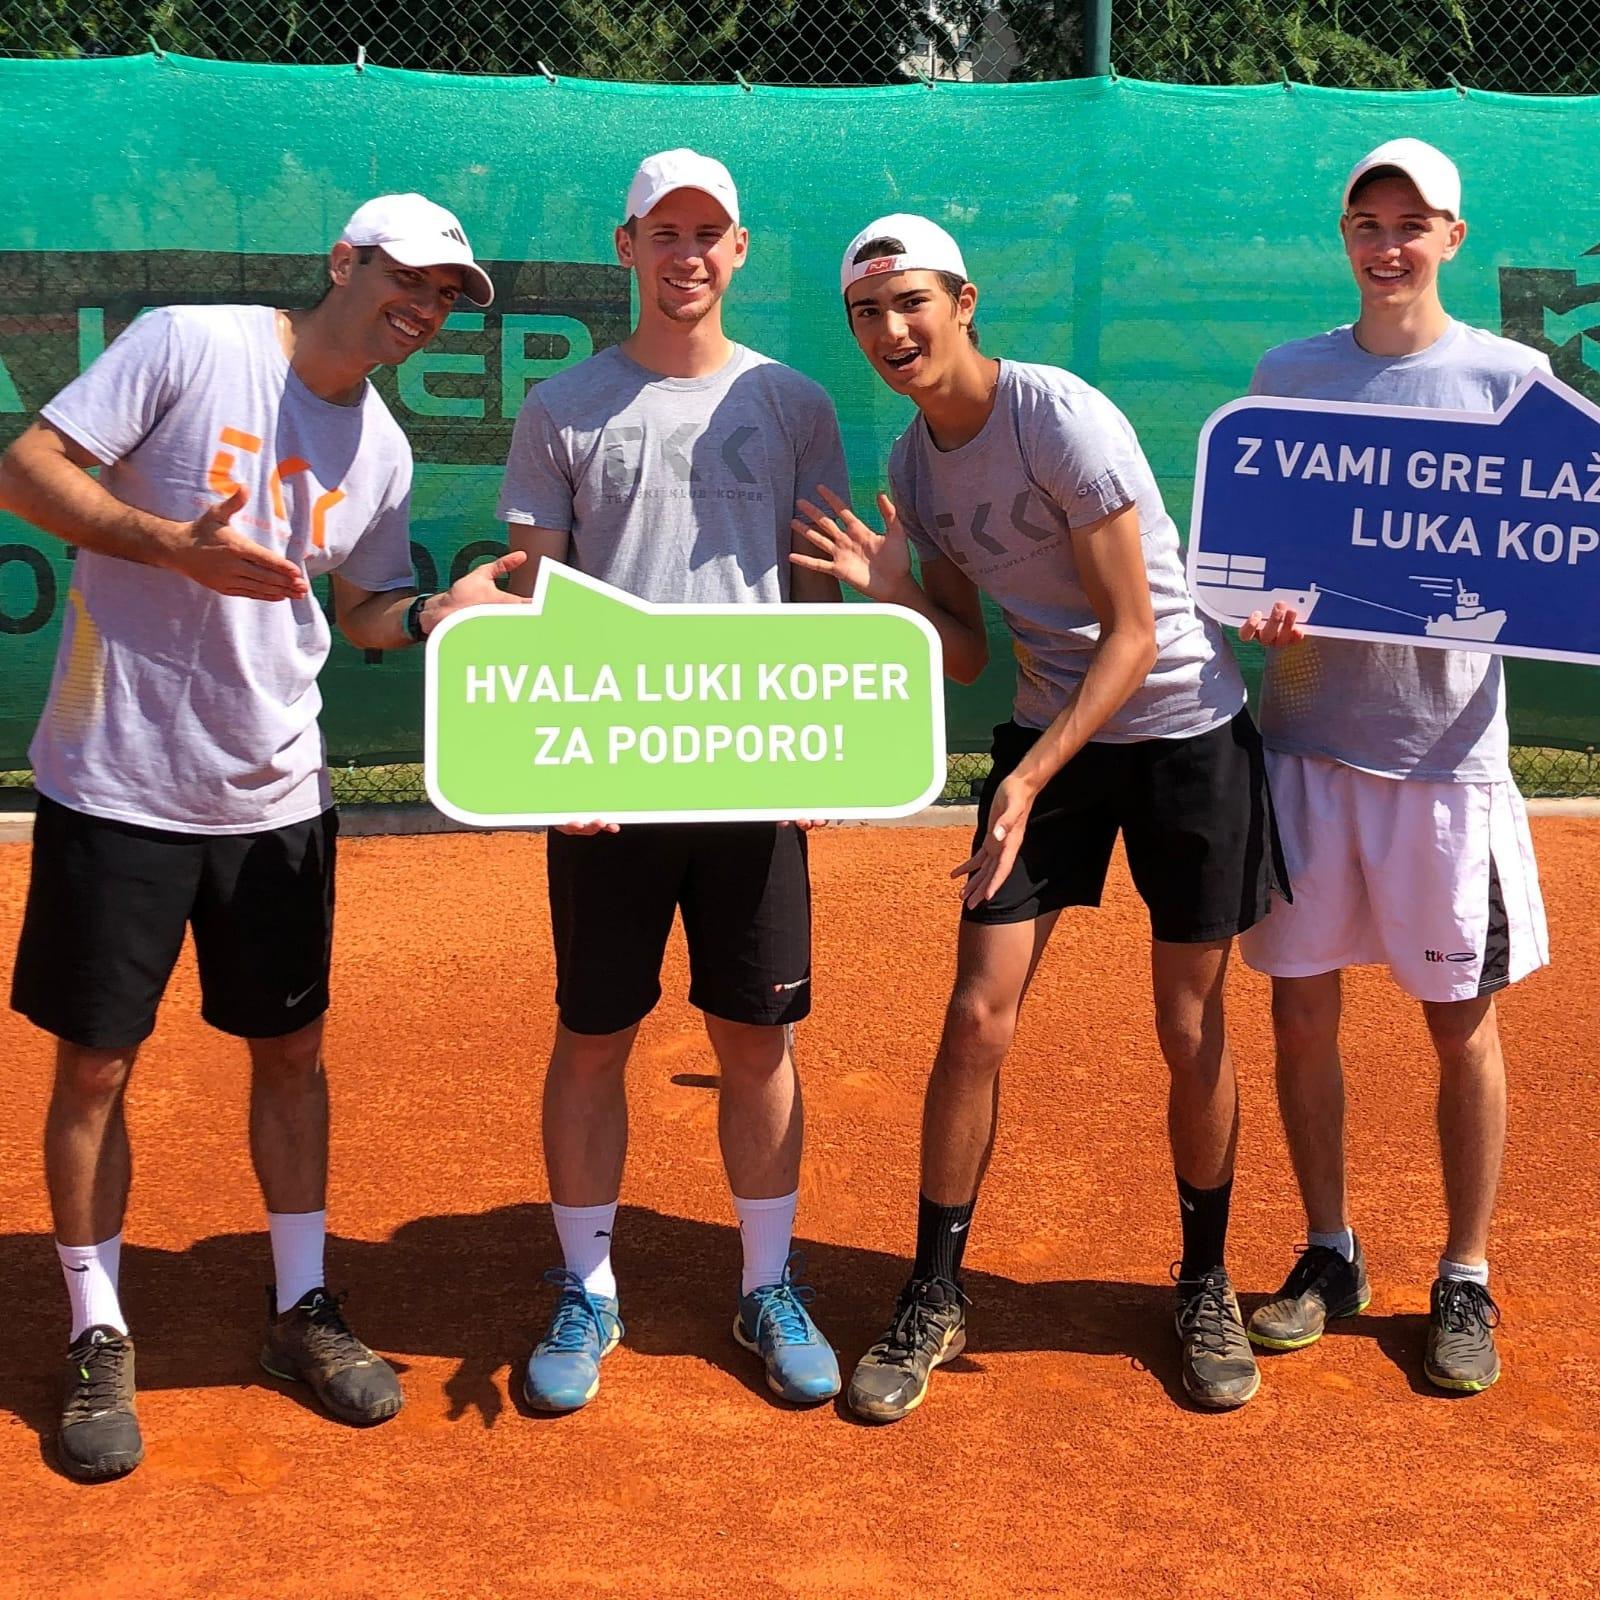 koper - 2. moška liga: Novogoričani še naprej neporaženi, do dveh zmag tudi TK Goja tenis